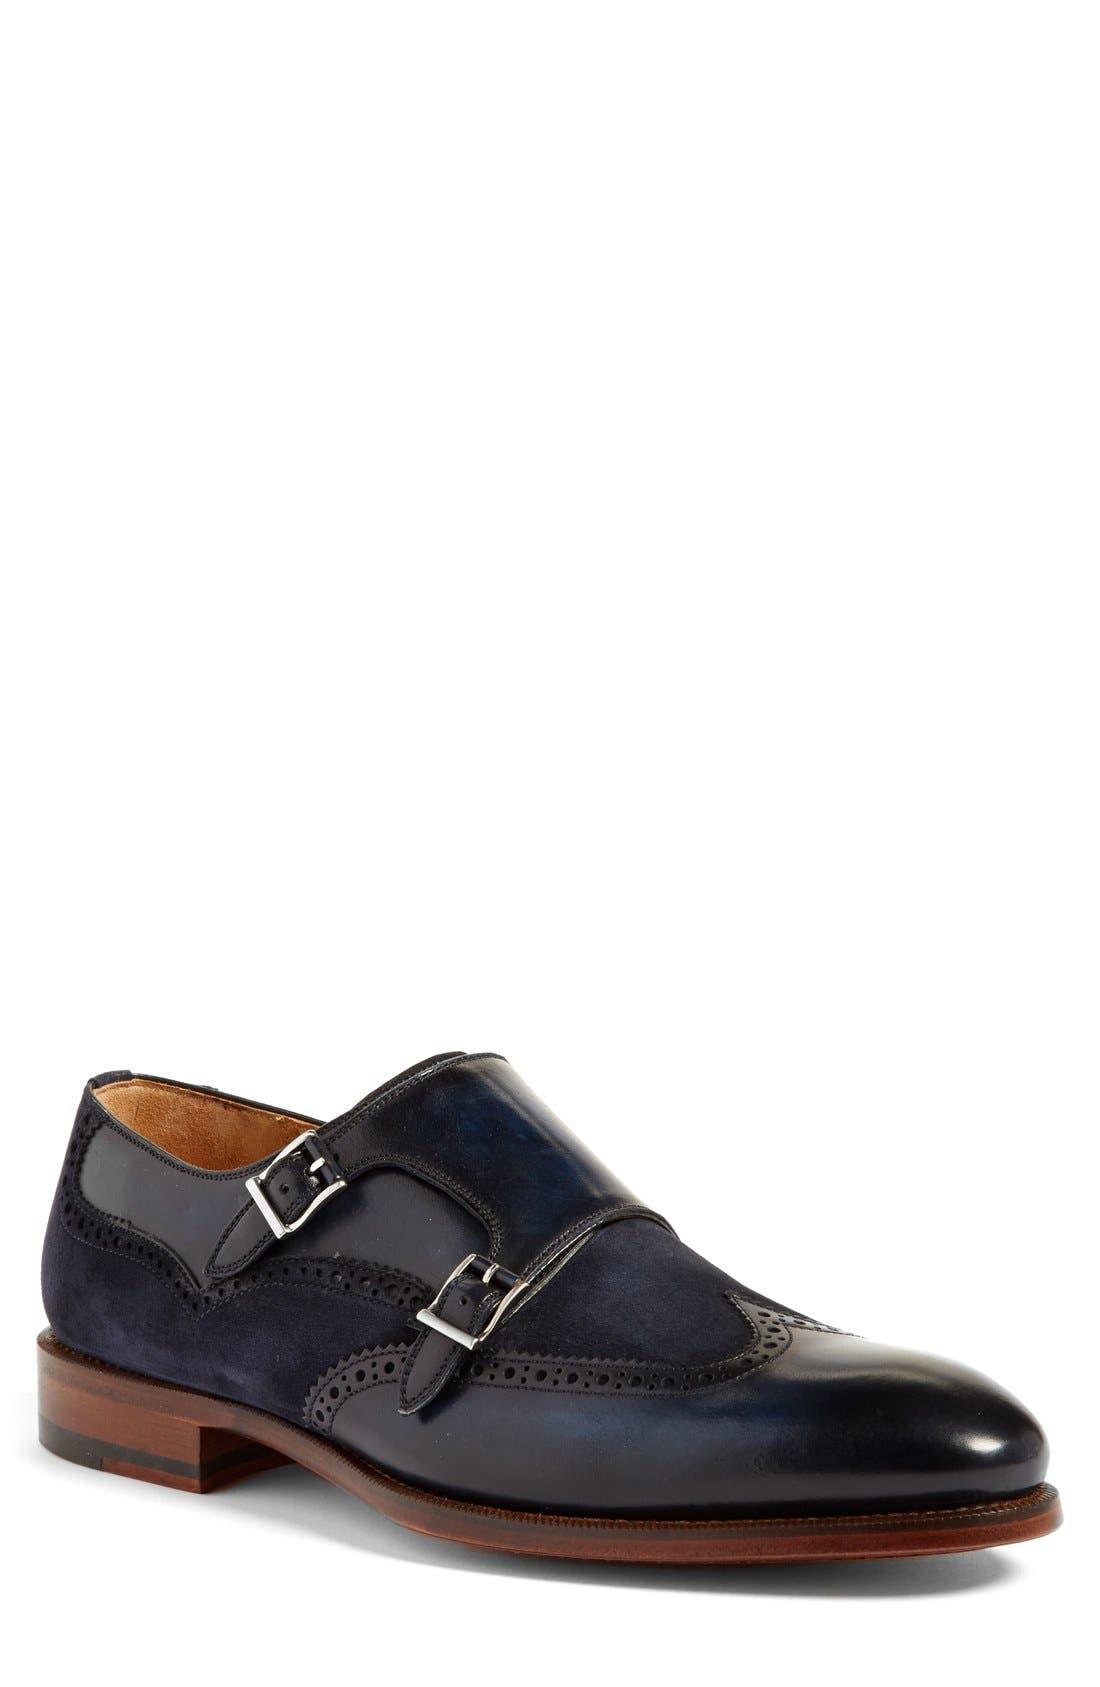 MAGNANNI 'Leve' Double Monk Strap Shoe